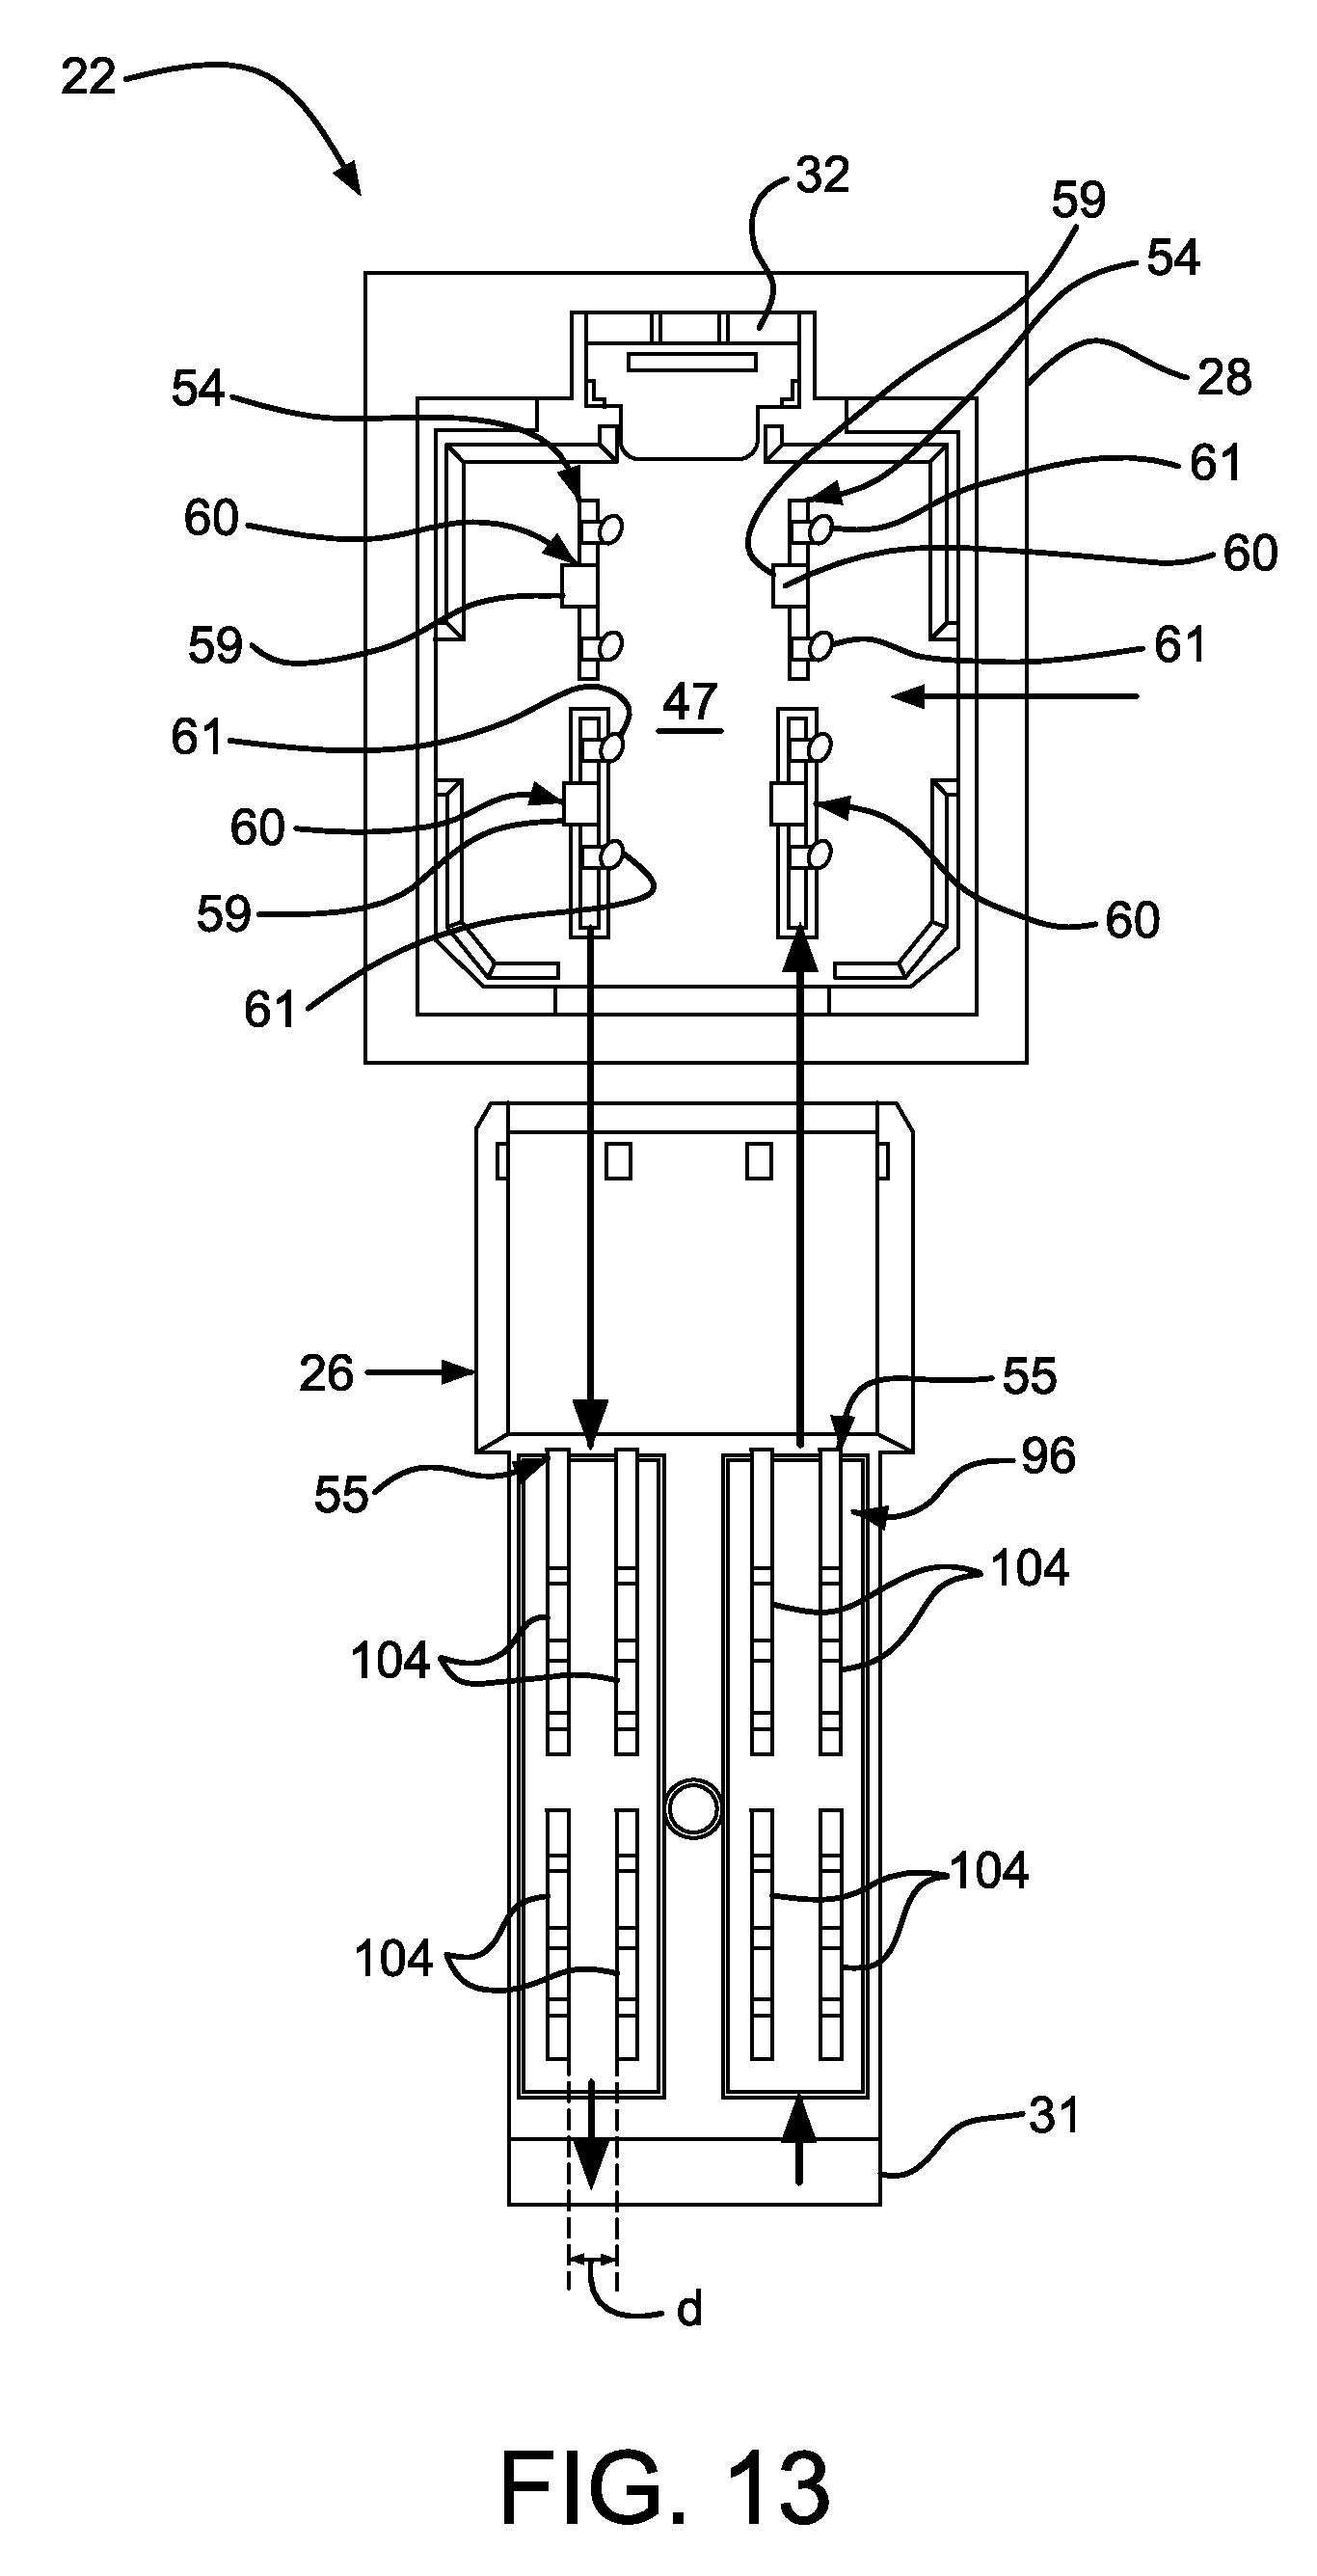 patent us20100029126